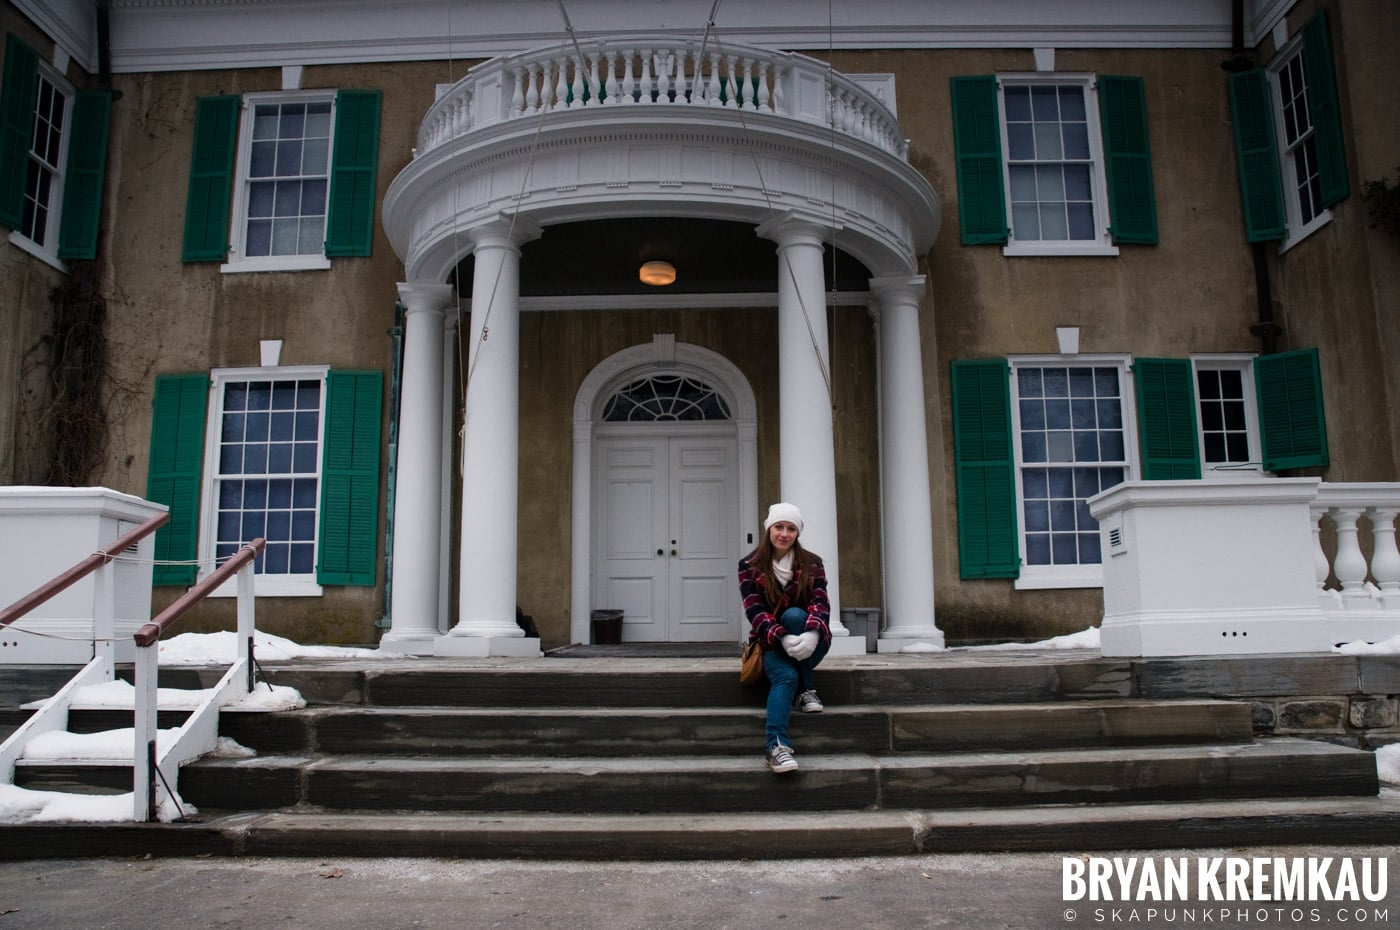 Valentine's Day Trip @ Rhinebeck, FDR's Home, Vanderbilt, Wilderstein Historic Site, NY - 2.14.10 (5)